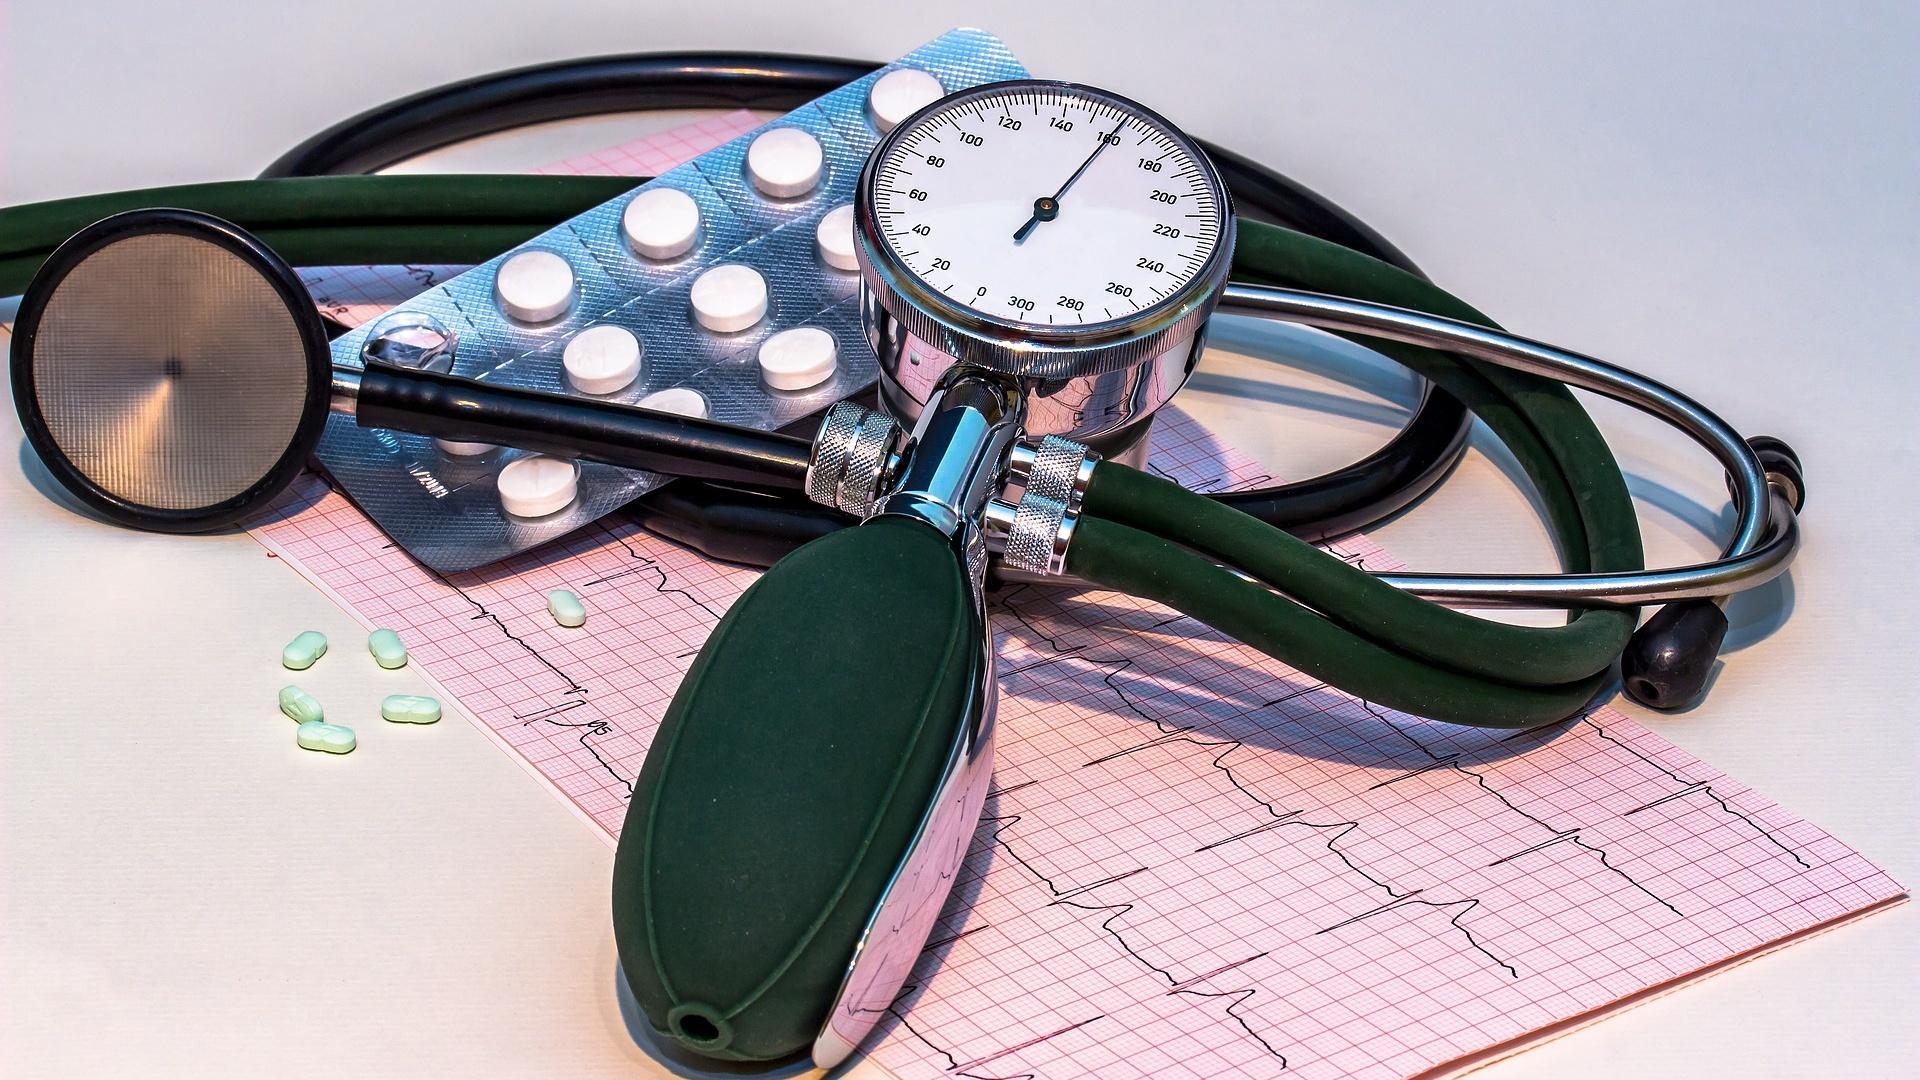 Nach der HRV-Messung wertet der Arzt meistens im Gespräch mit Ihnen zusammen das EKG aus.